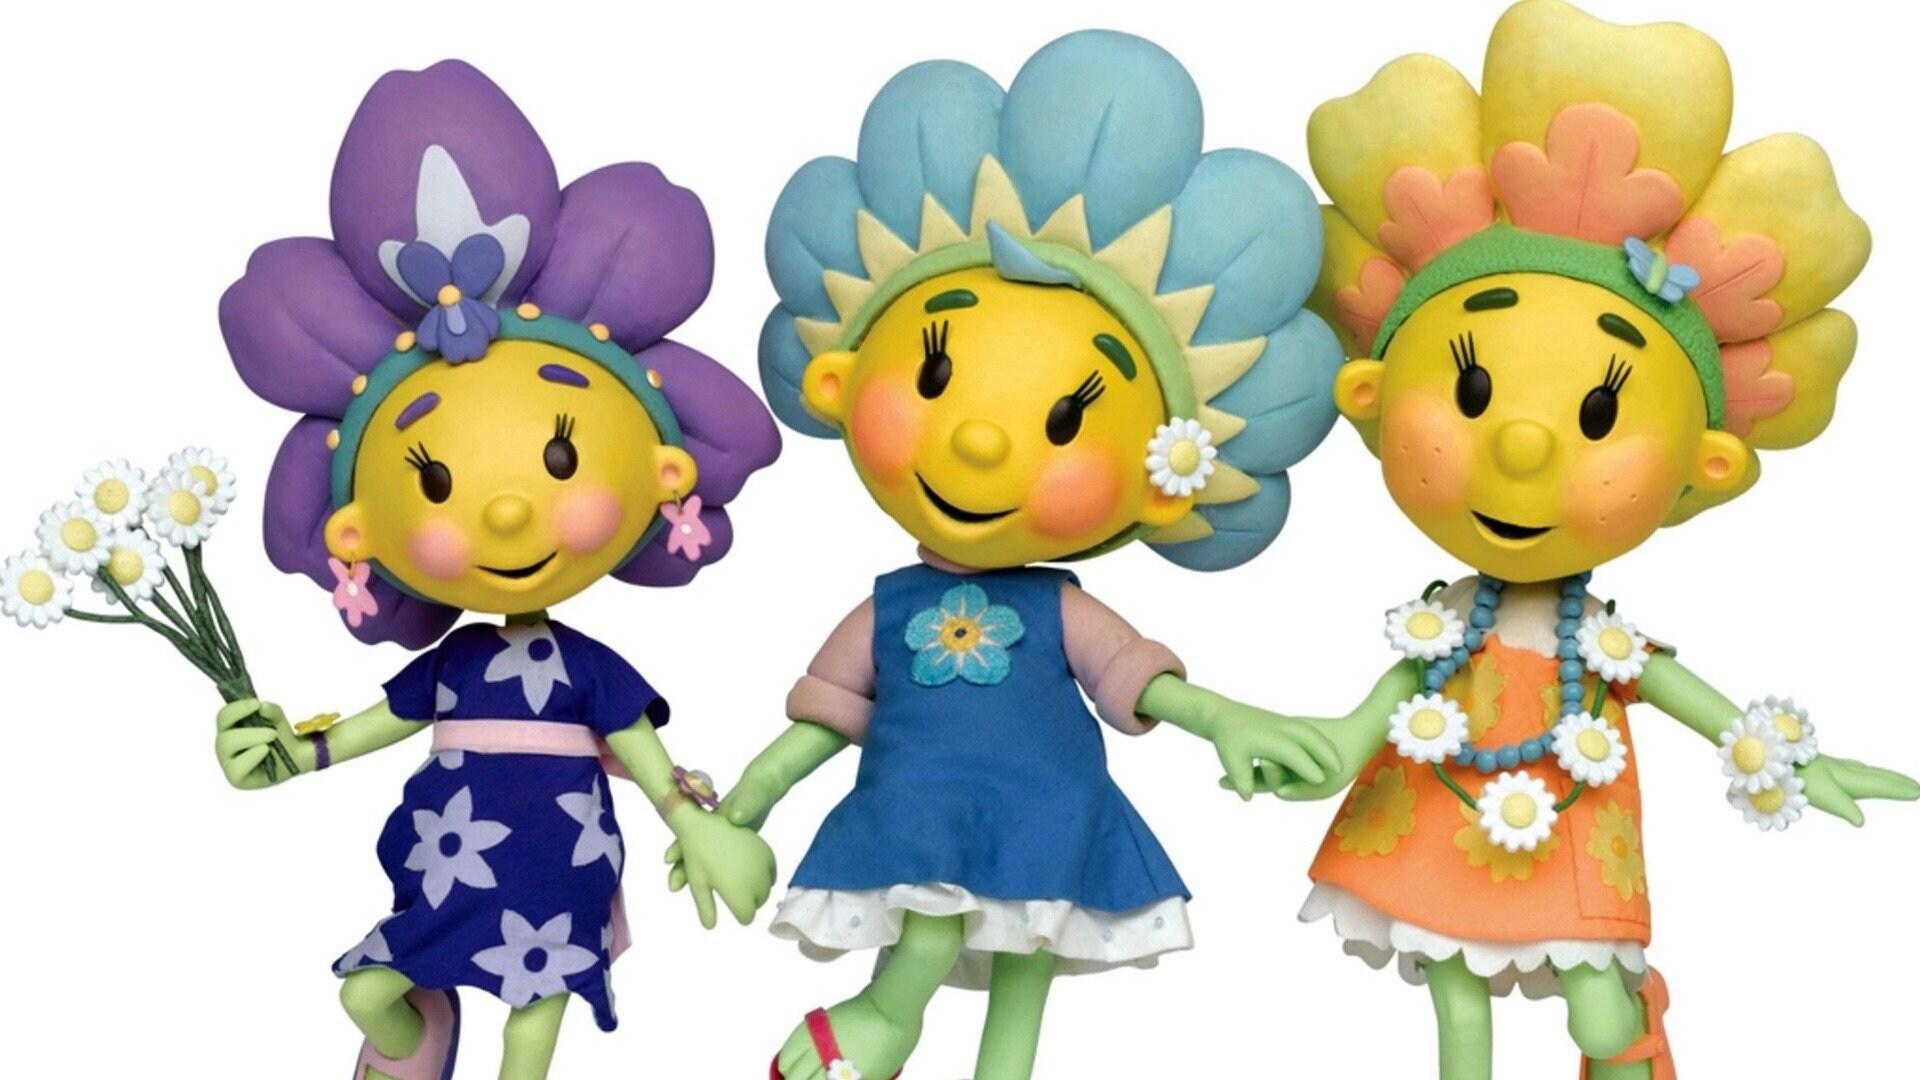 Poppy's Ice-Cream Show